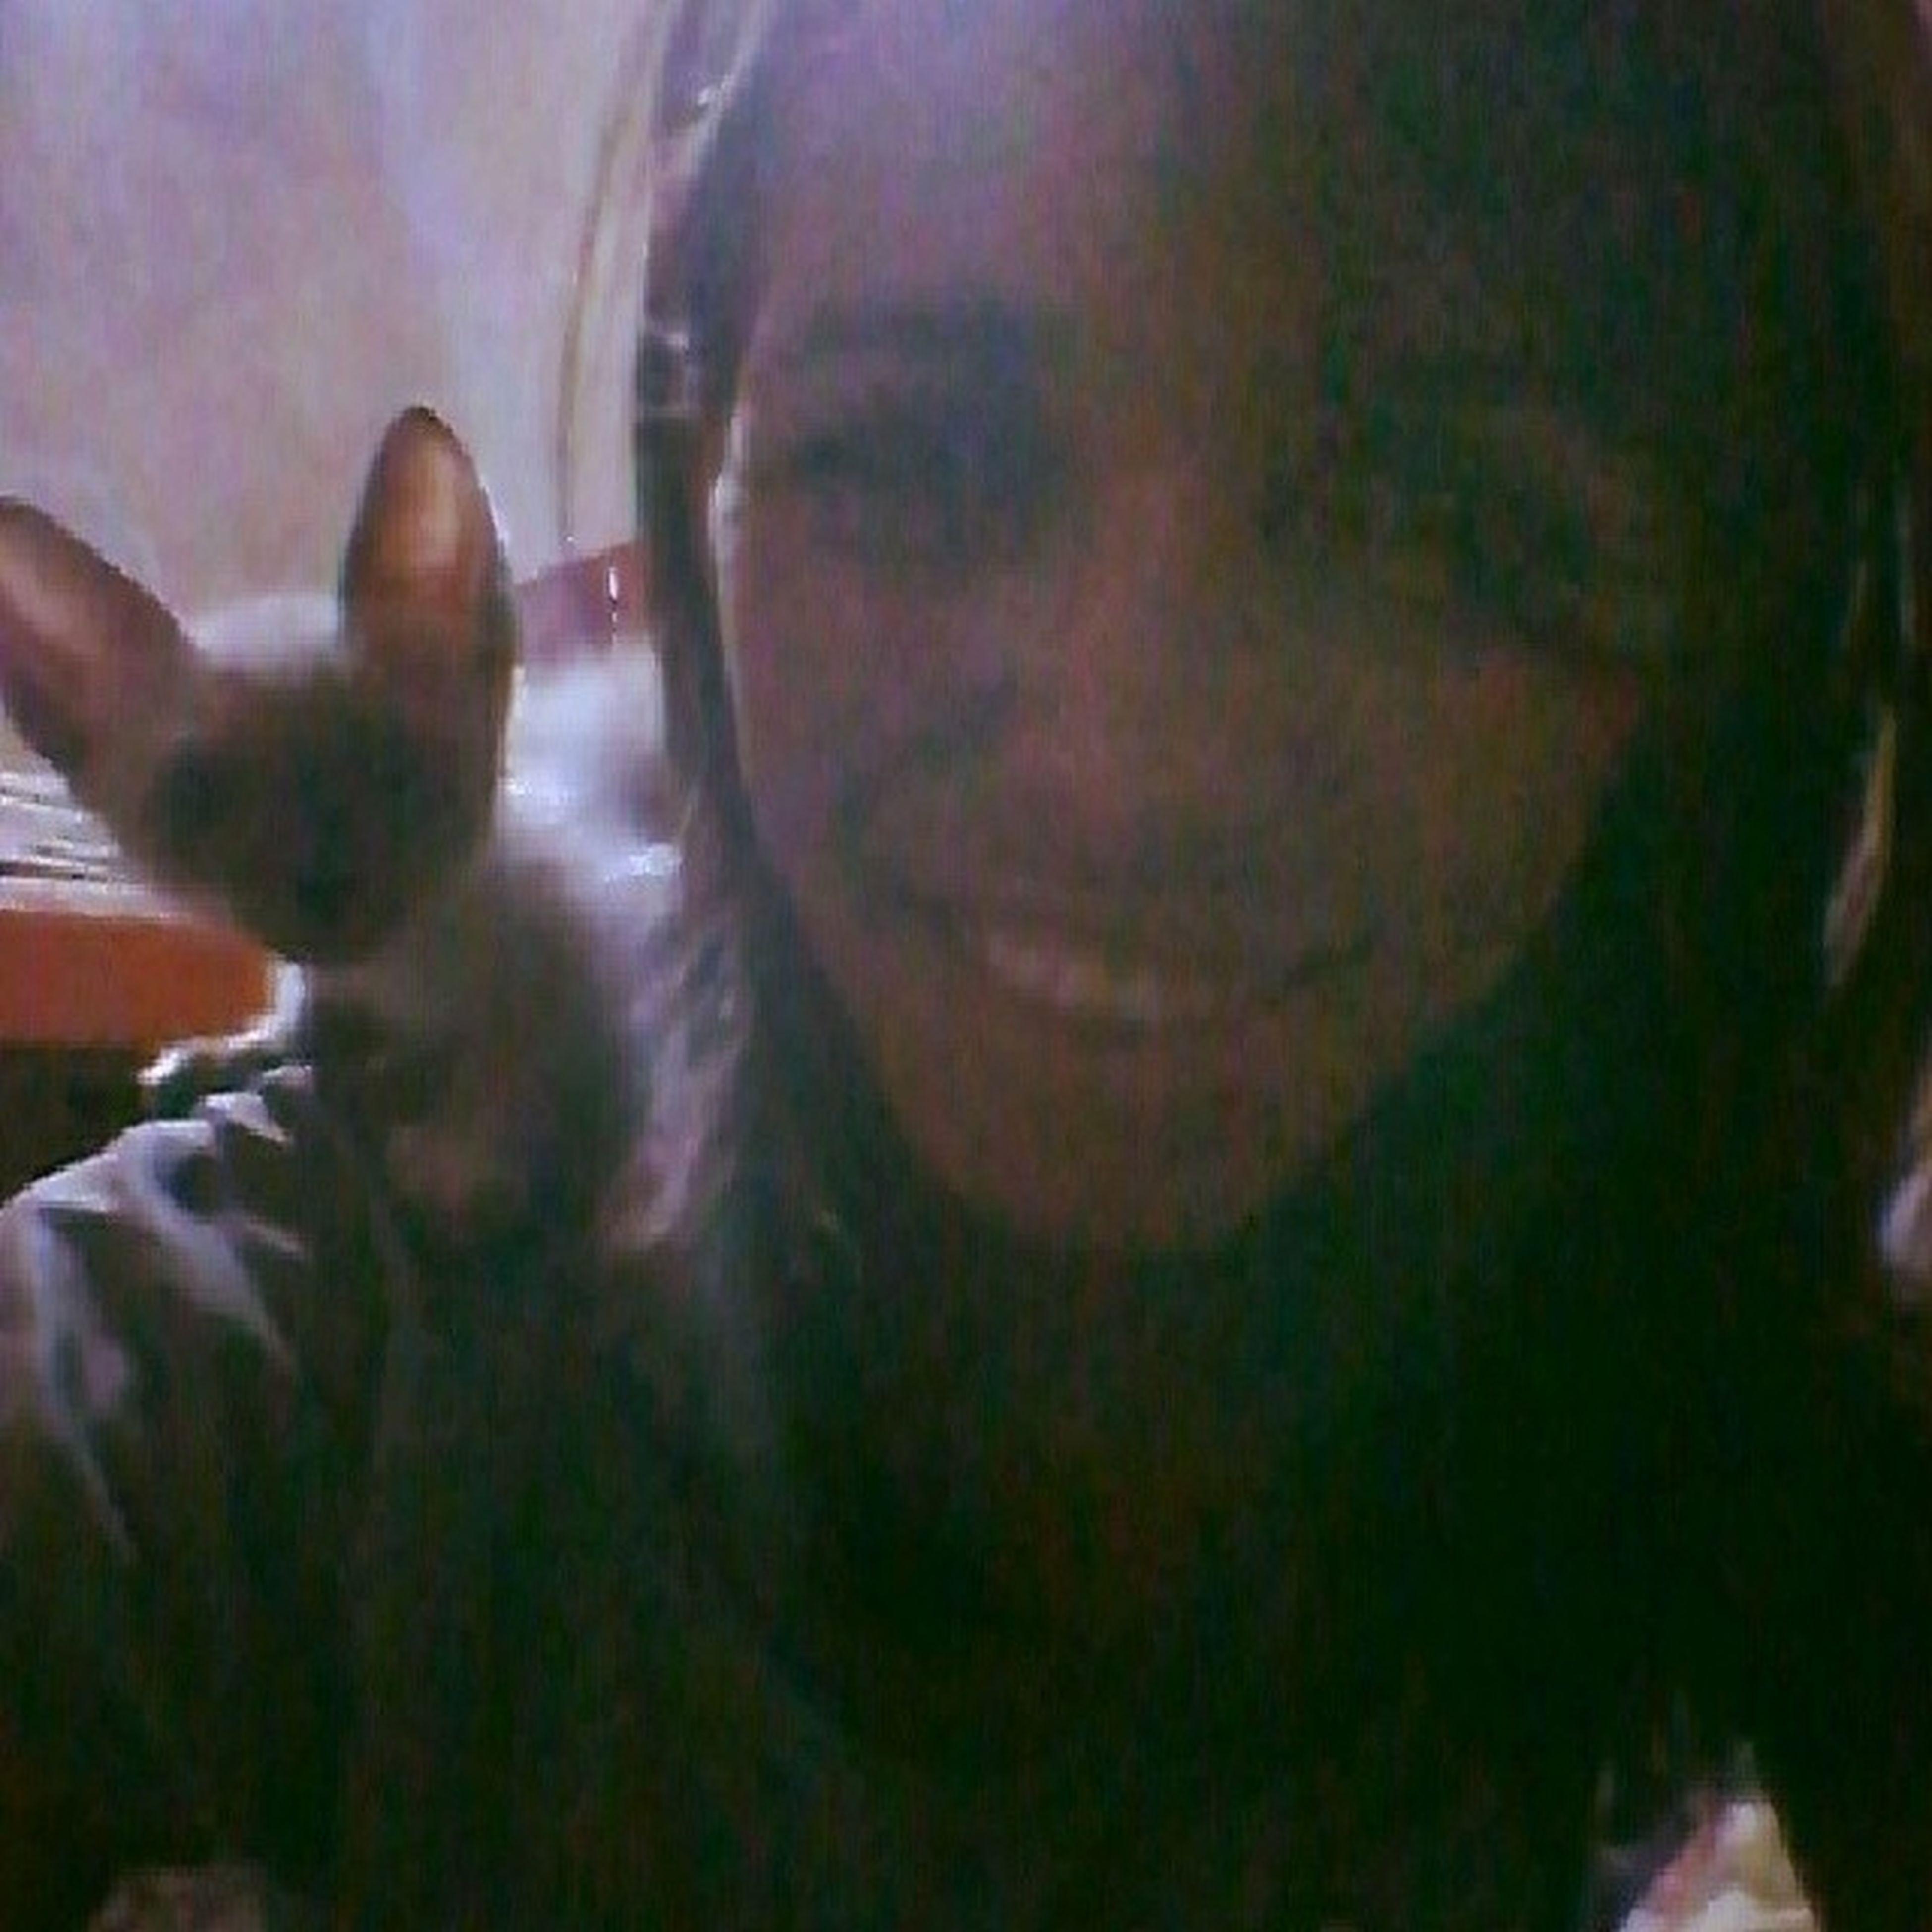 Não era só o Angh que tinha um lemory, eu também tenho um Momo aqui em casa hahahaha Cat Fofo Orelhudo